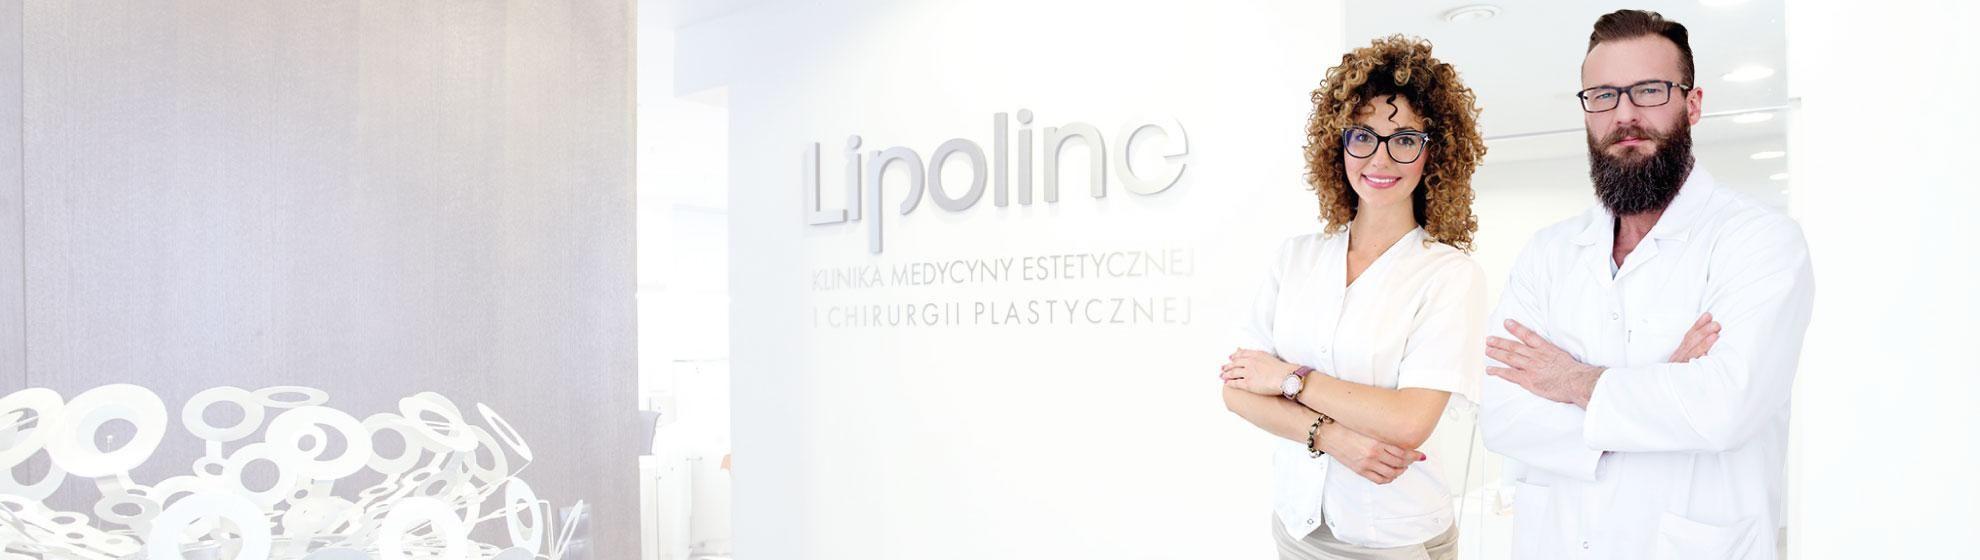 LIPOLINE Klinika Liposukcji i Medycyny Estetycznej